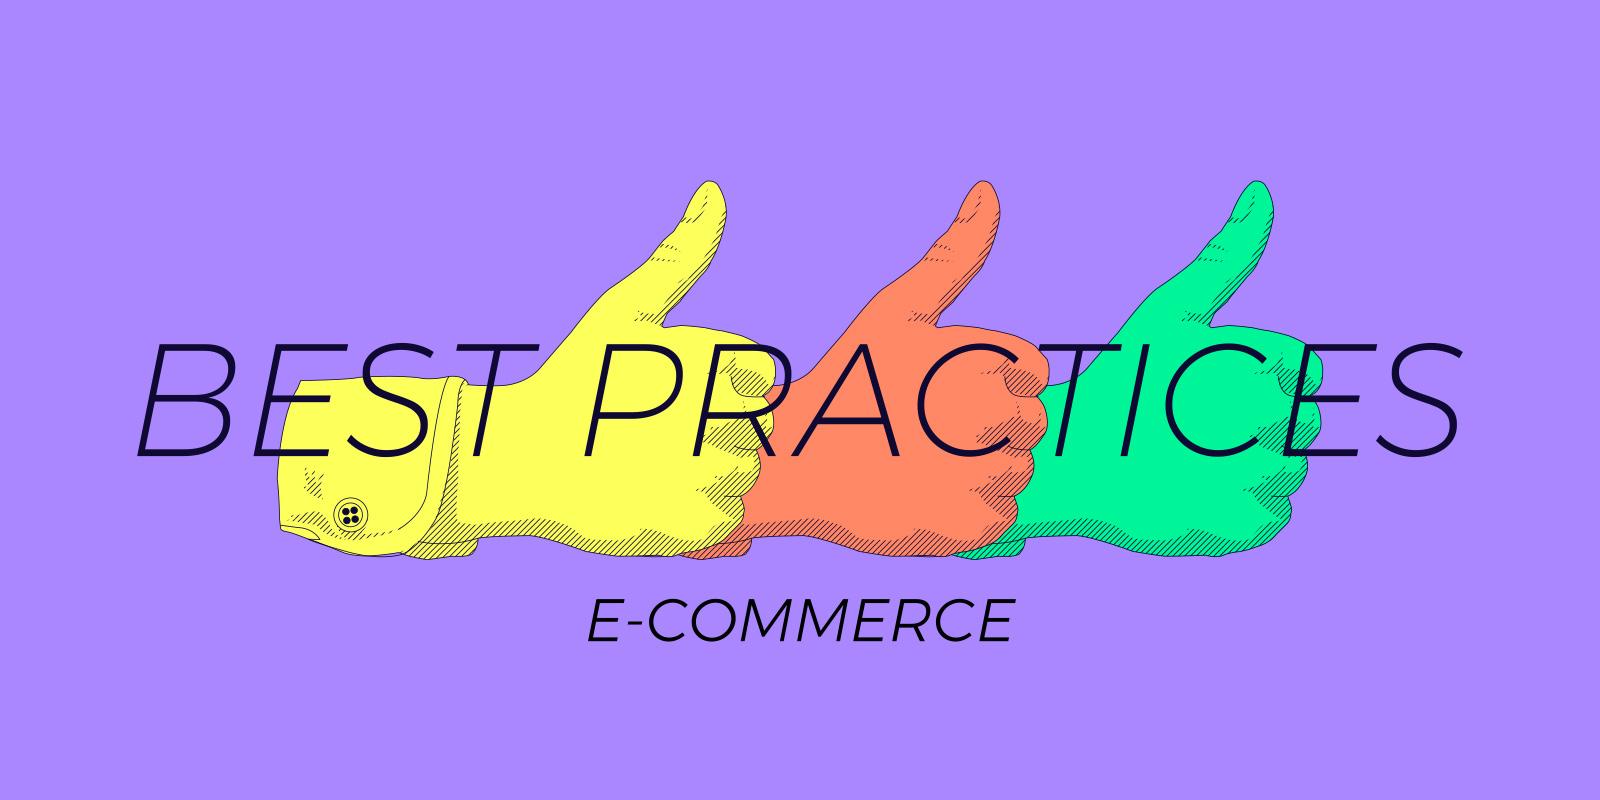 ¿Lanzando un negocio de comercio electrónico? ¡Aquí tienes una checklist fácil!